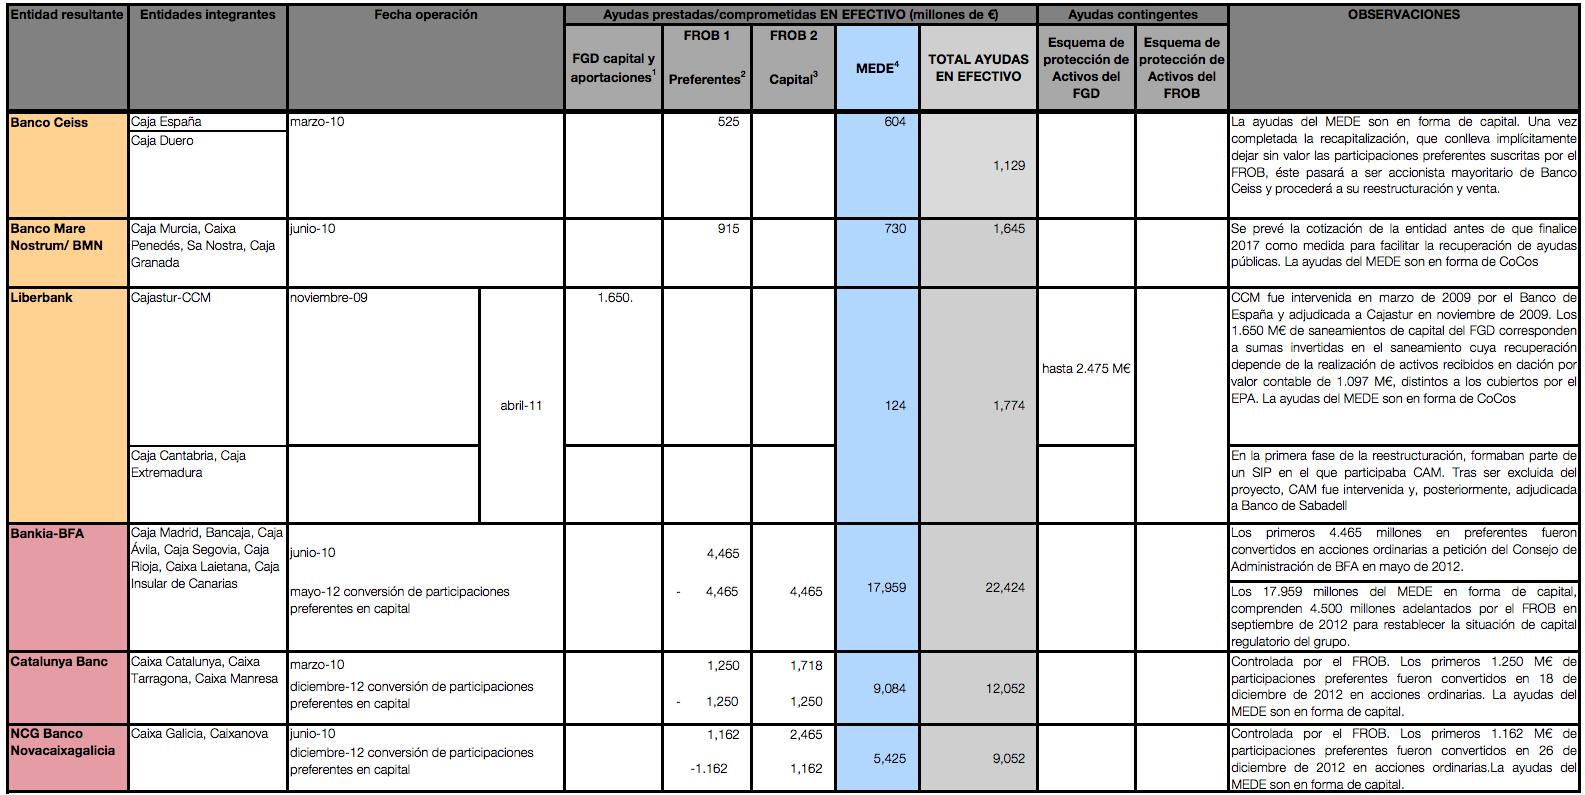 Reestructuración sector bancario español 2013